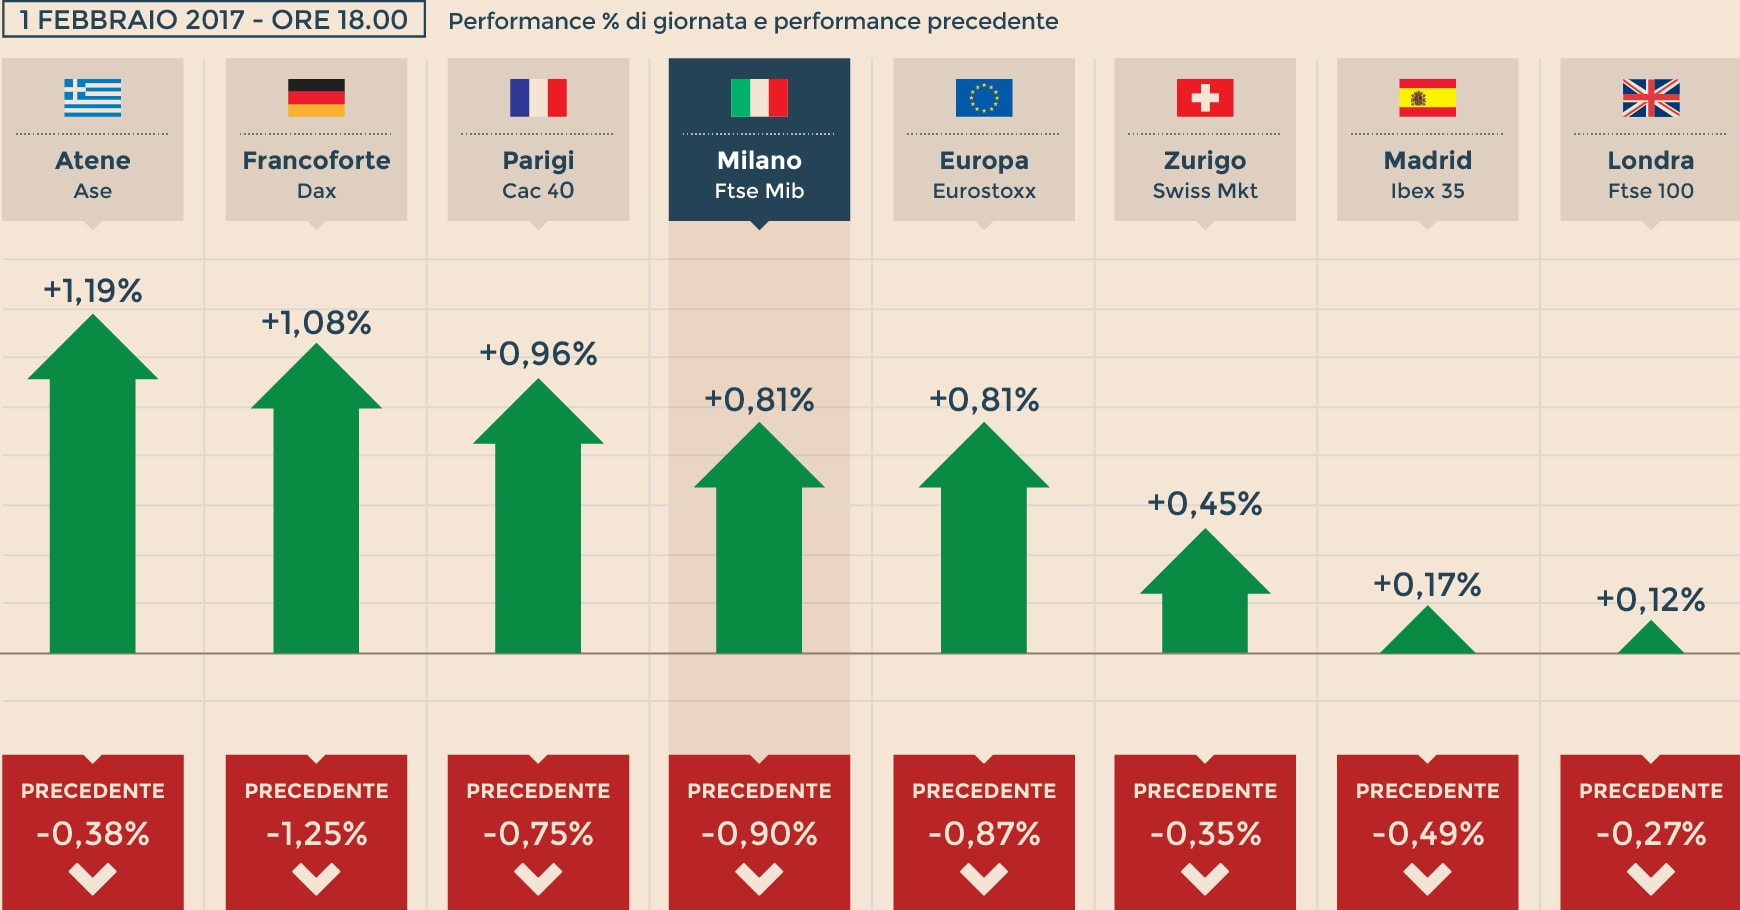 de4283323e Borse: l'Europa chiude positiva, a Milano sprint di Ferragamo - Il ...